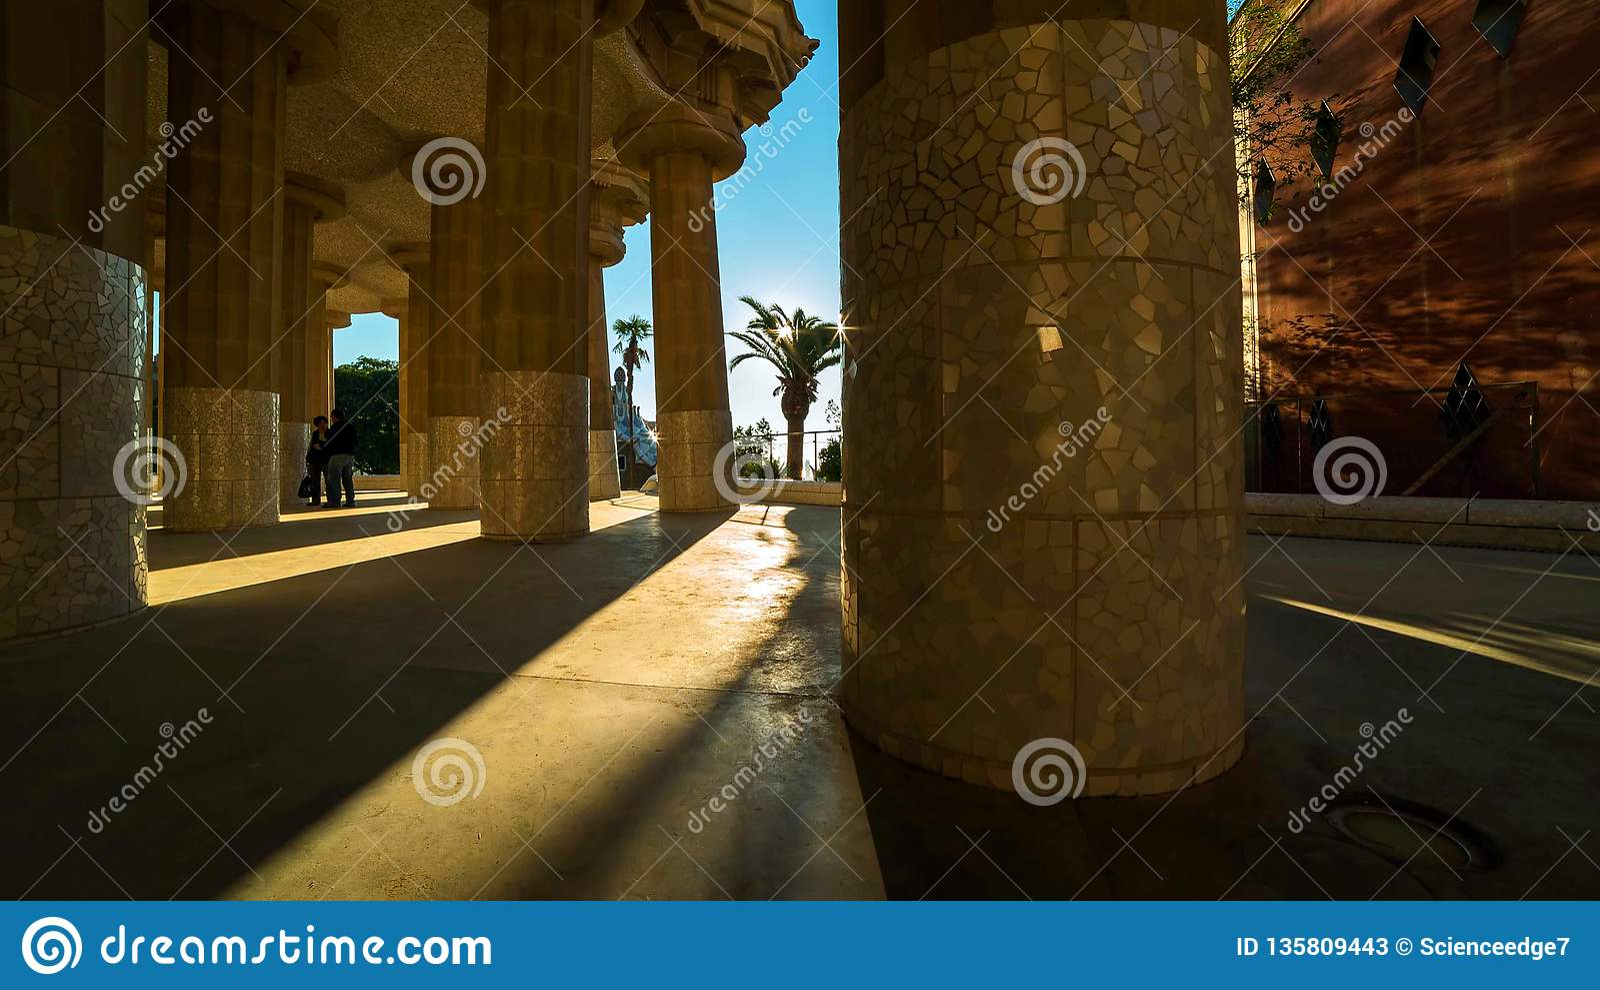 Barcelona es ciudad capital y más grande de Cataluña, así como el segundo municipio populoso de España